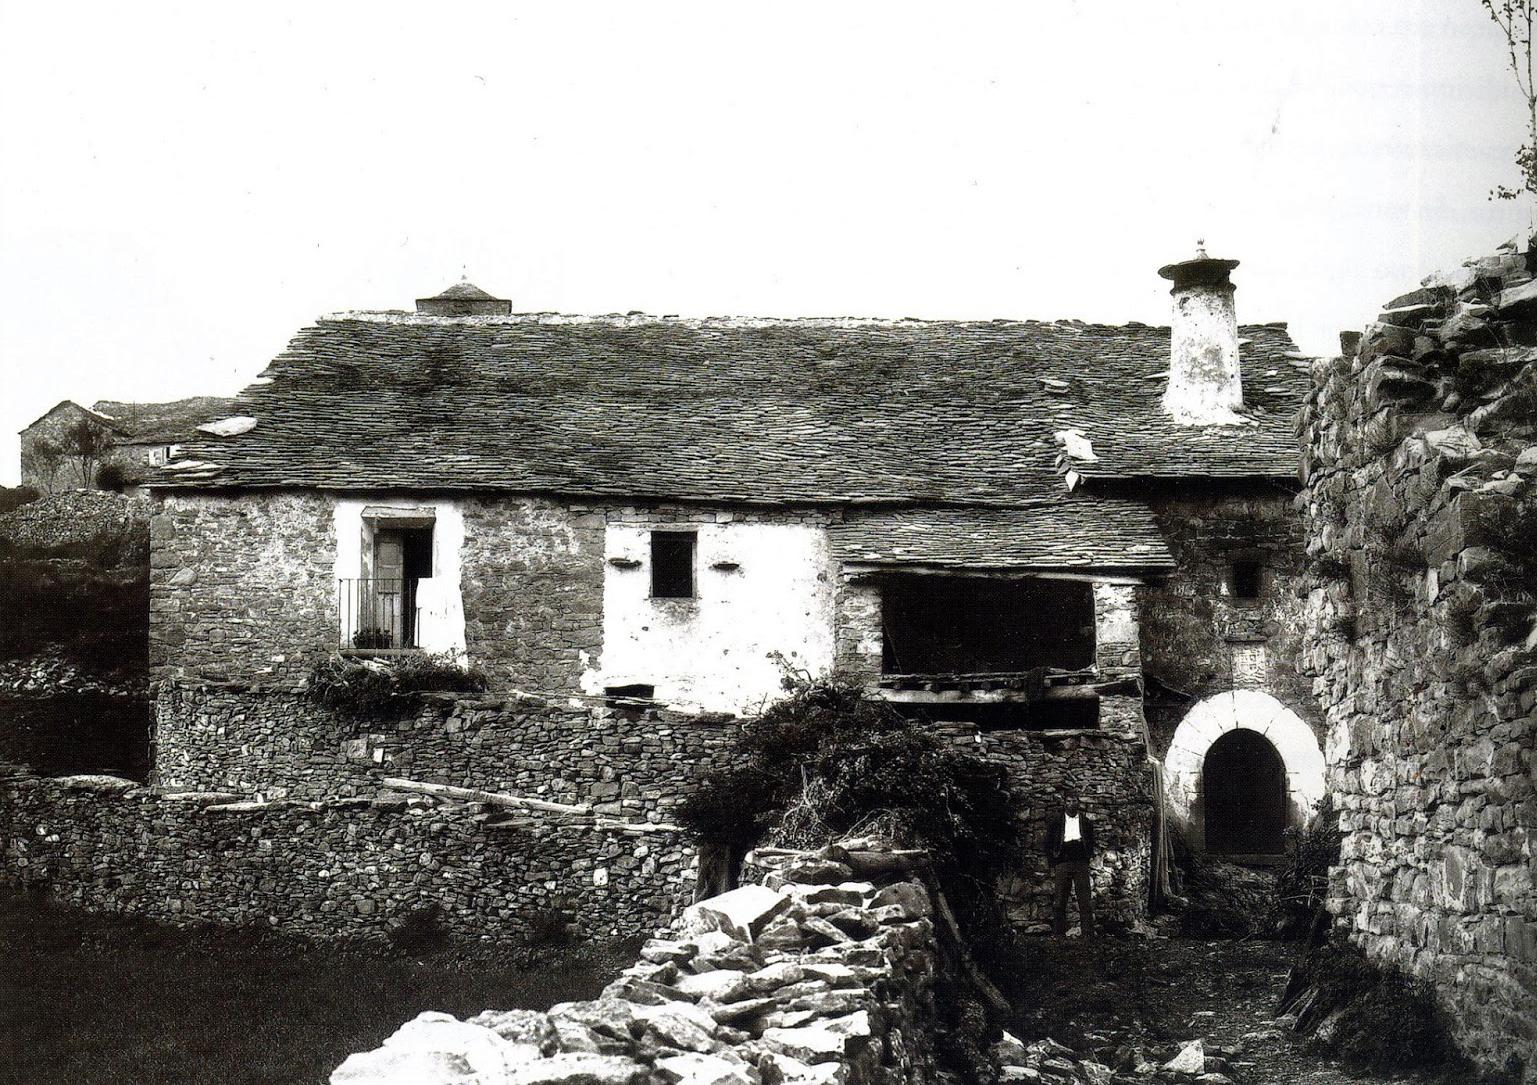 Rodellar (Aragon) 17 octobre 1908 - Photo de Lucien Briet - Musée pyrénéen de Lourdes